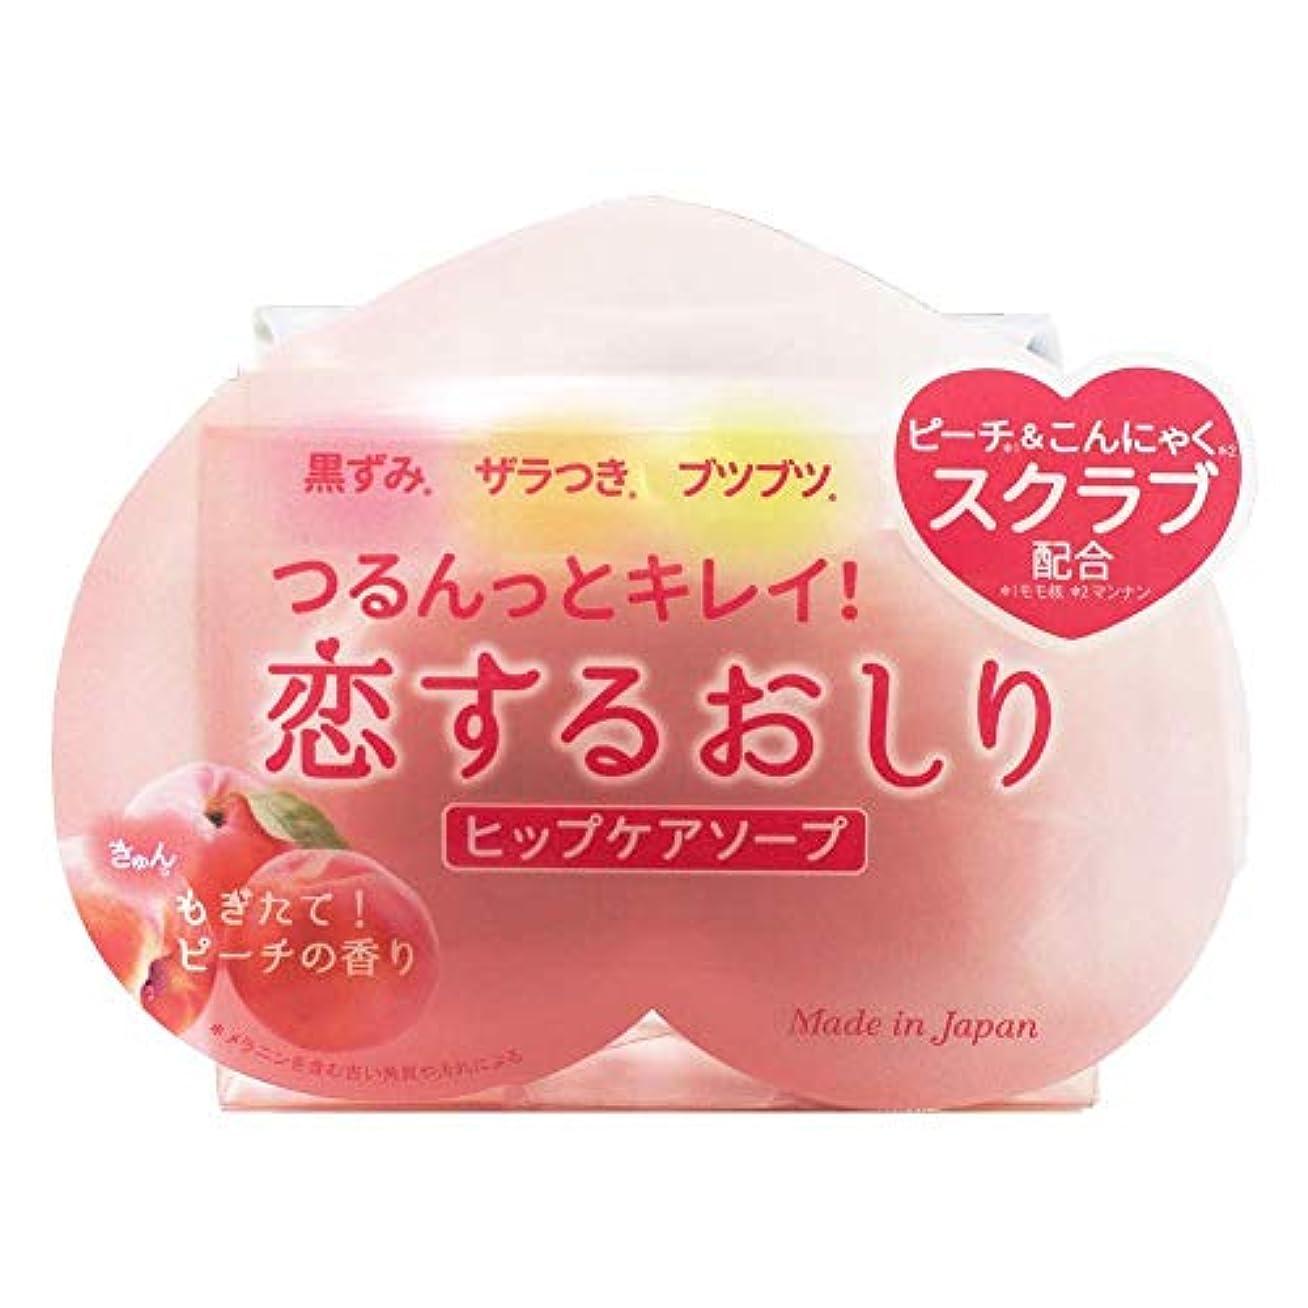 低い補体宿【まとめ買い】ペリカン石鹸 恋するおしり ヒップケアソープ 80g×3個